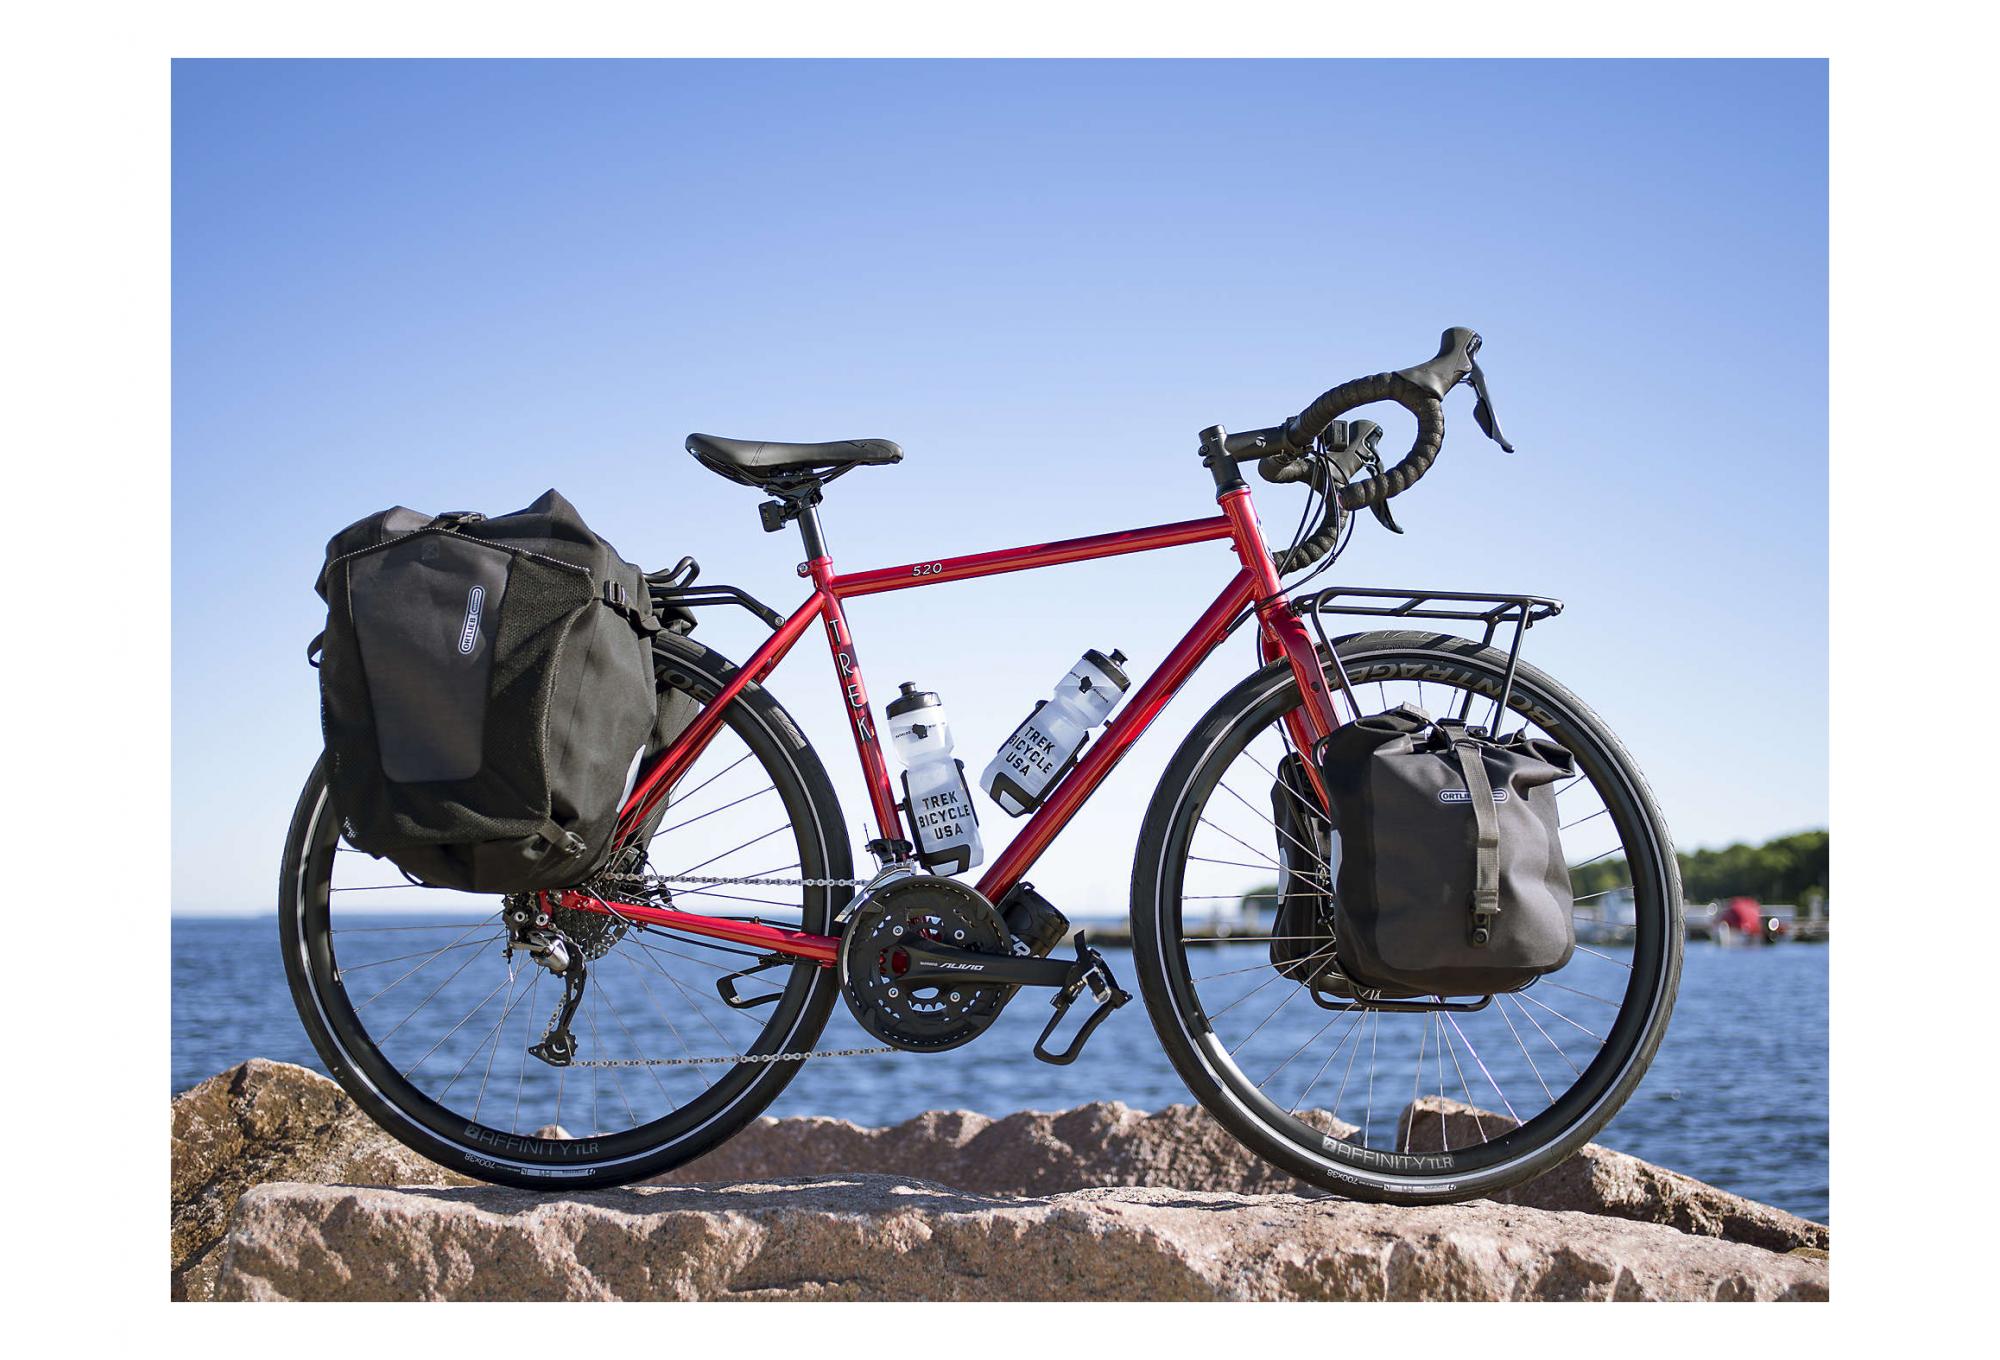 Trek 520 Travel Bike Shimano Alivio/Sora 9S Diablo Red ...